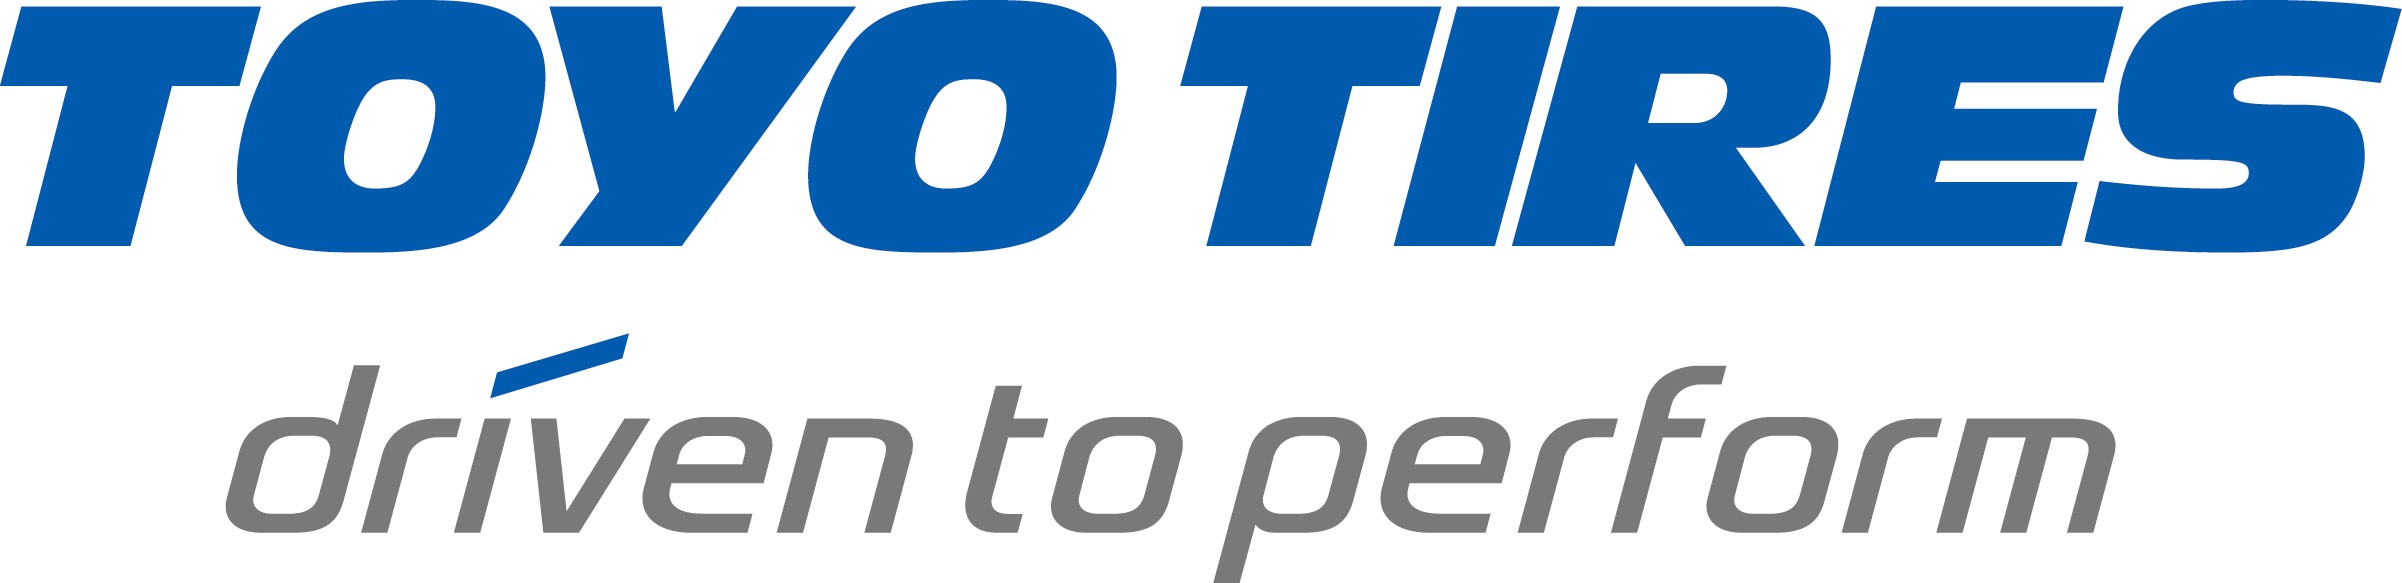 toyo-tire-logo.jpg